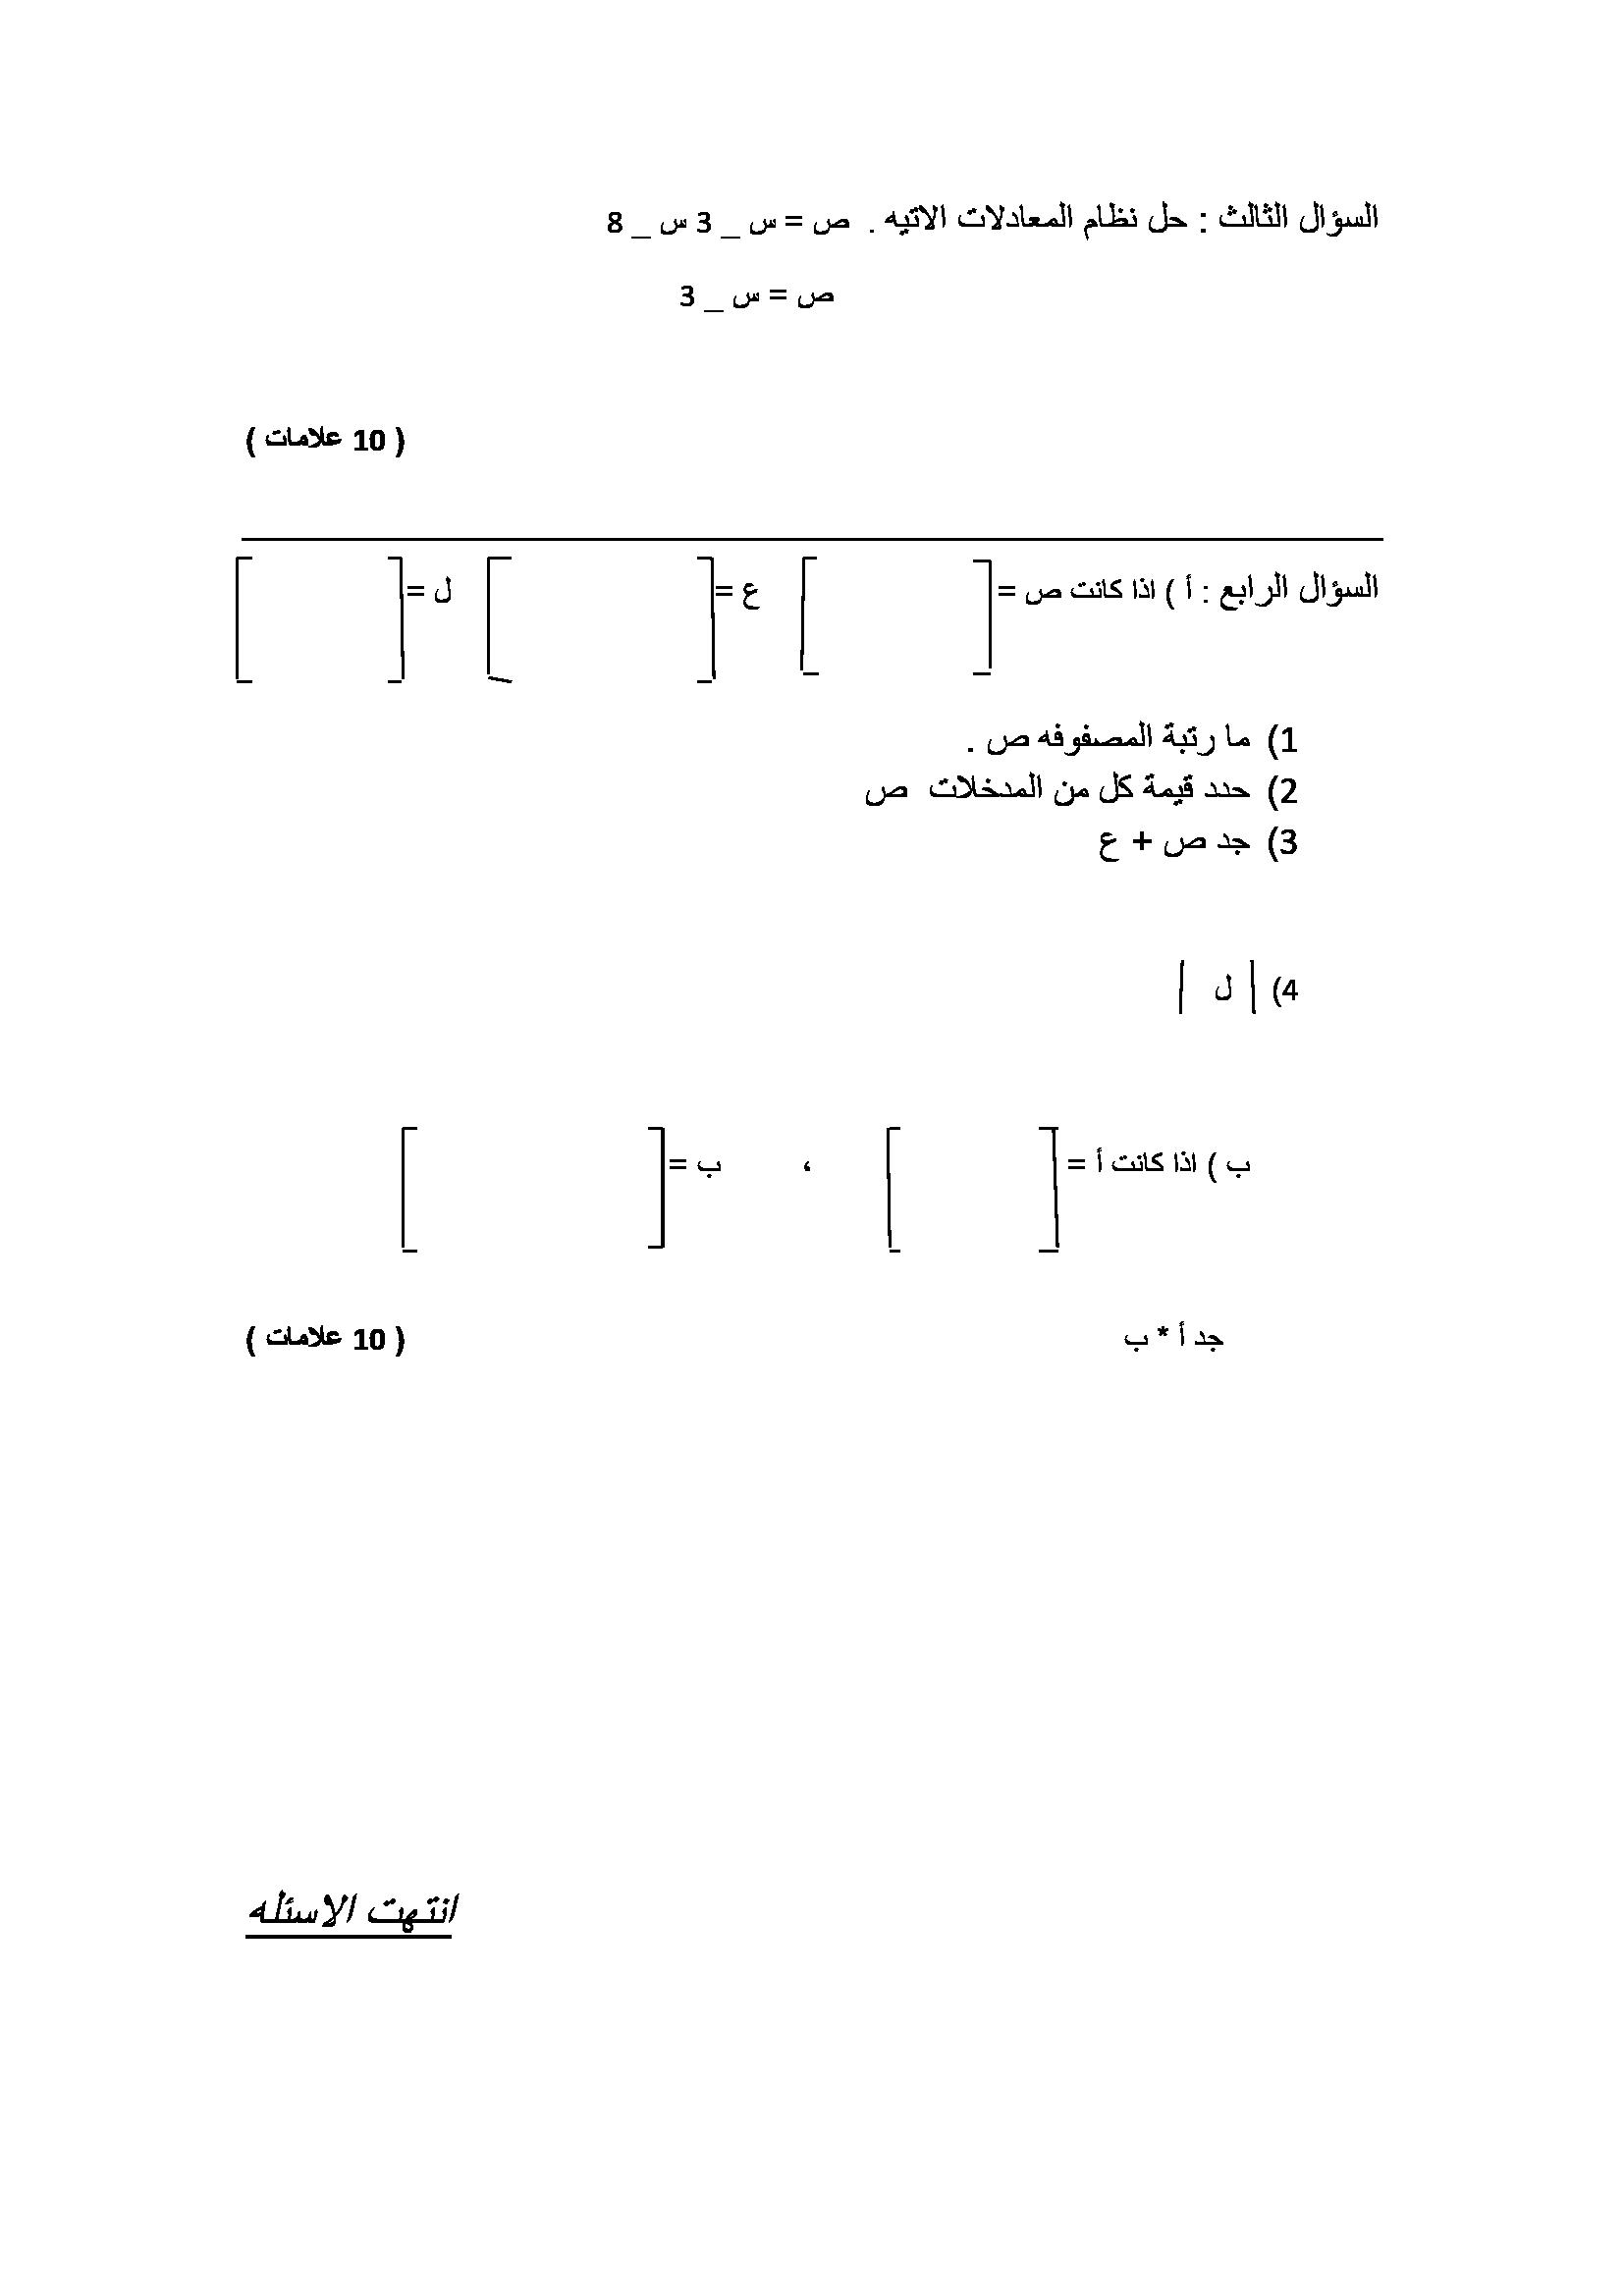 اختبار نهائي لمادة الرياضيات للصف العاشر الفصل الاول 2018